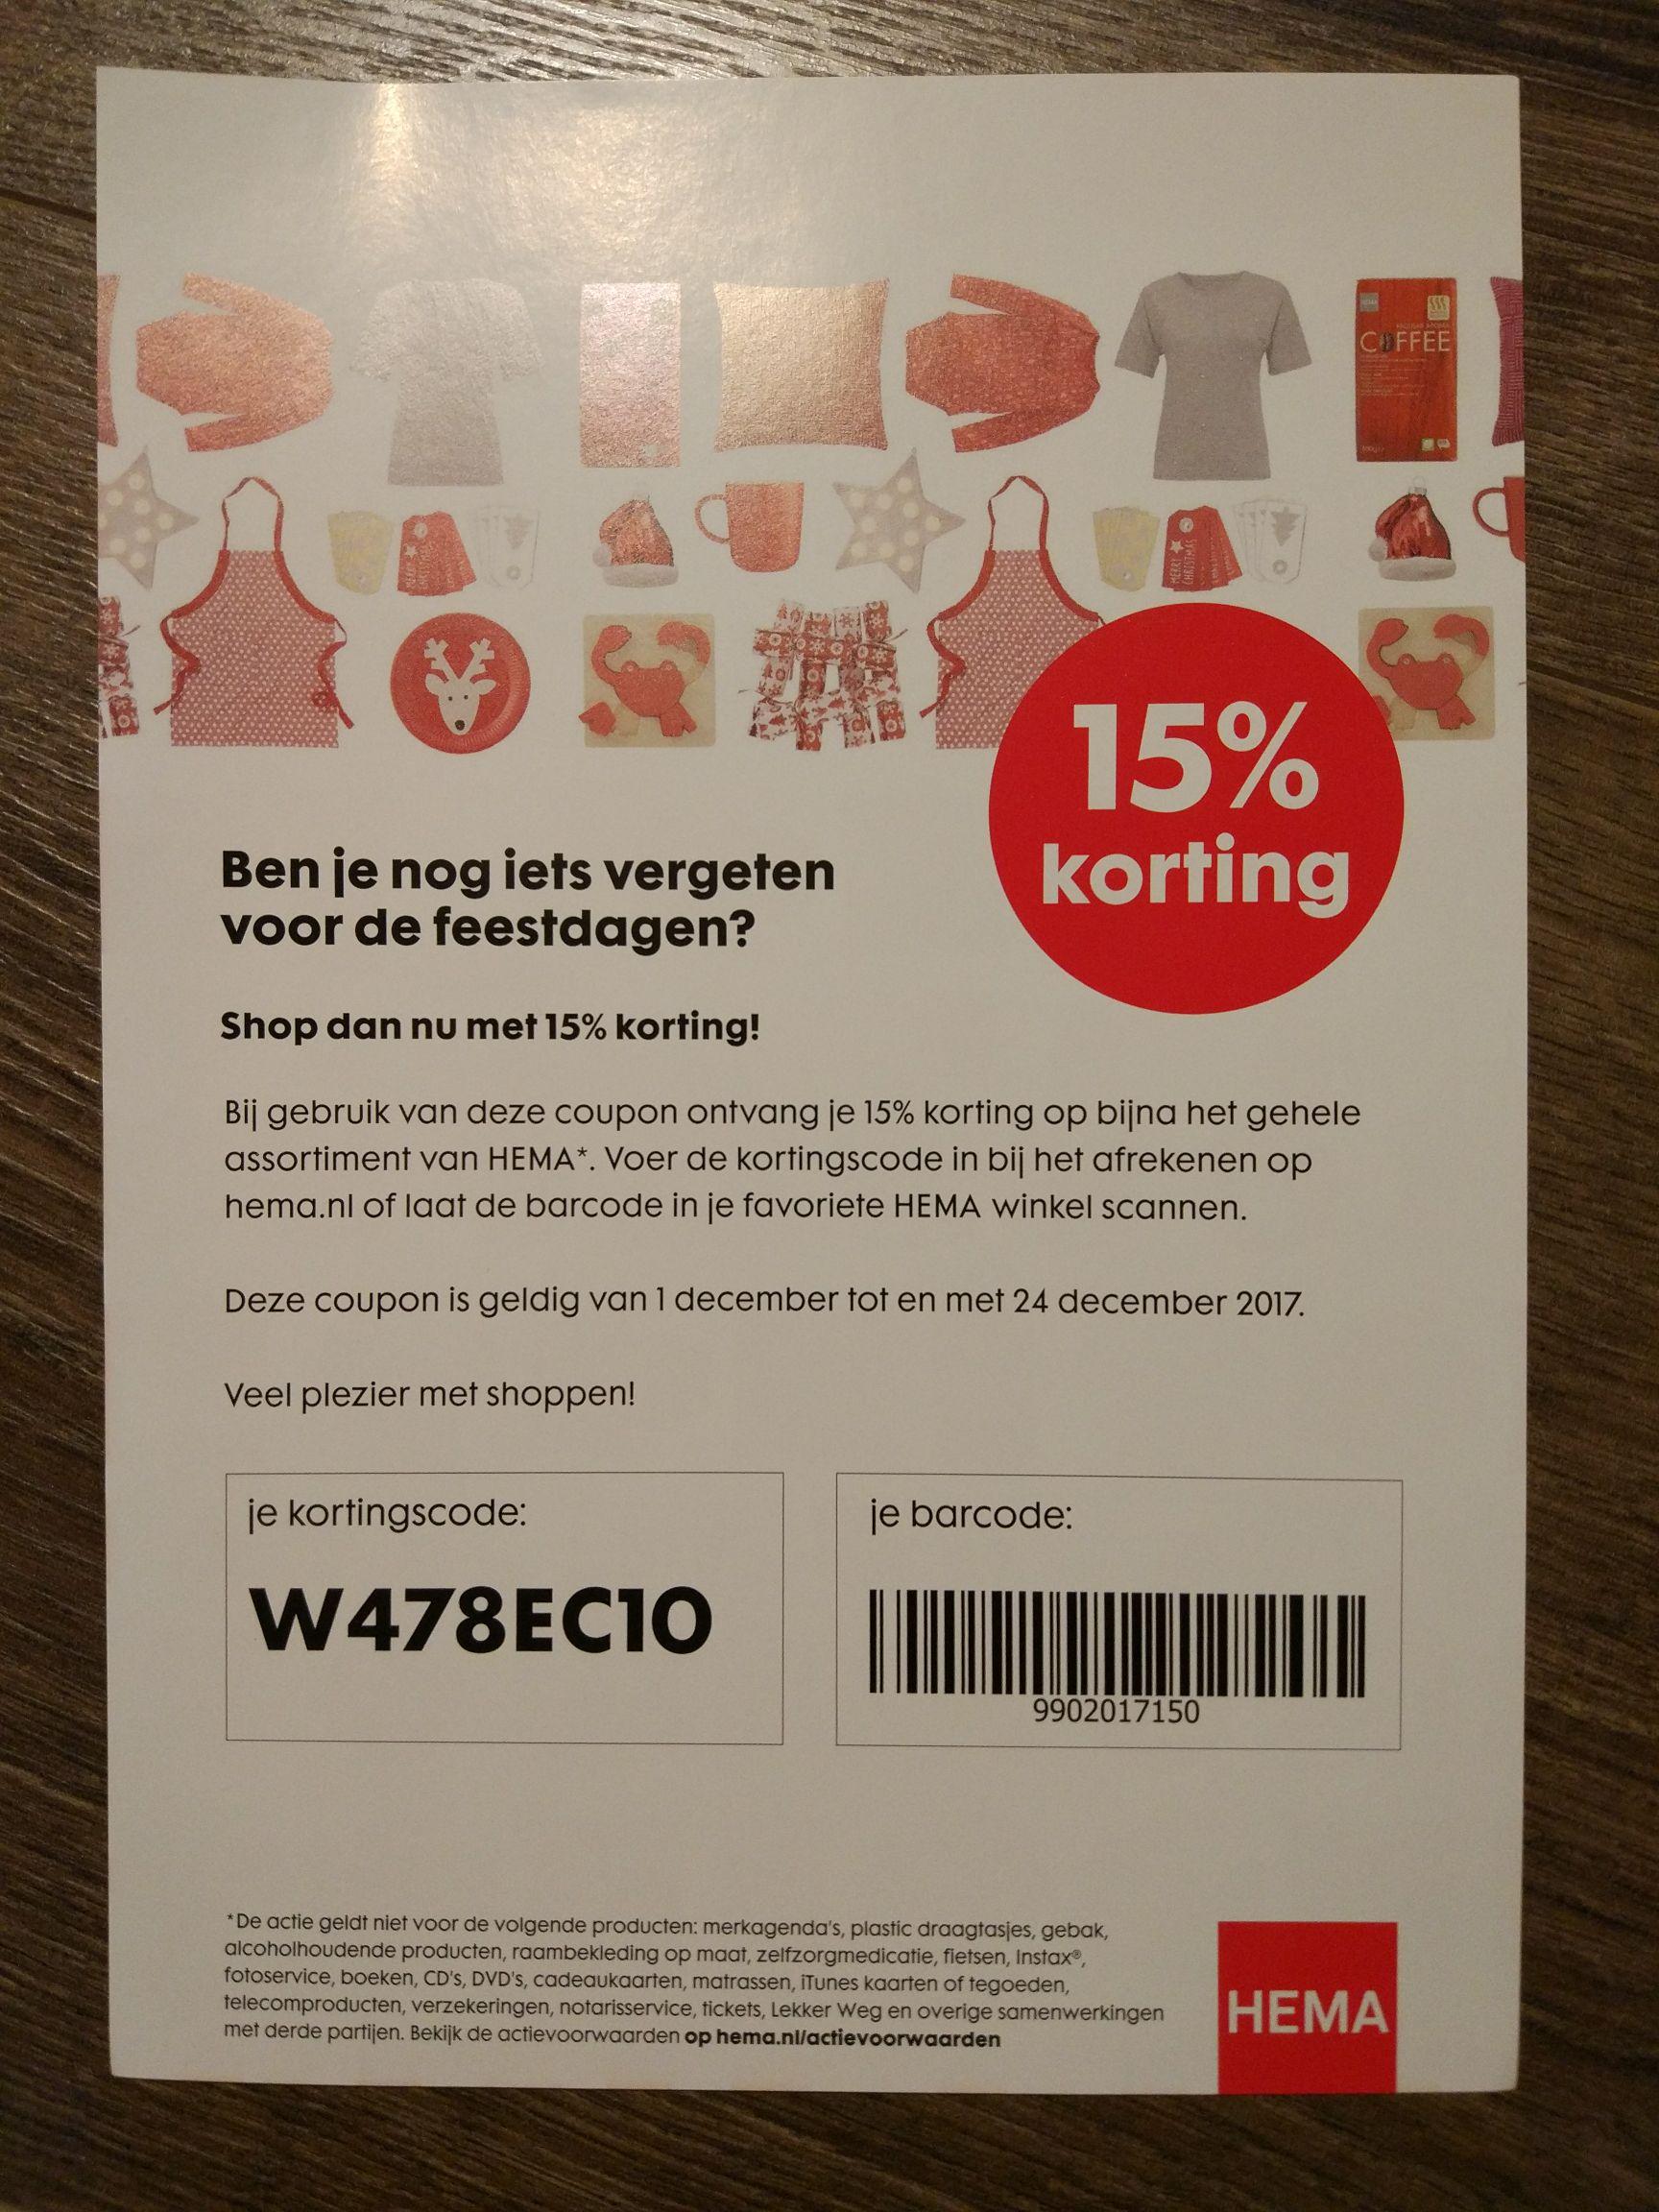 HEMA, 15% korting online en in de winkel